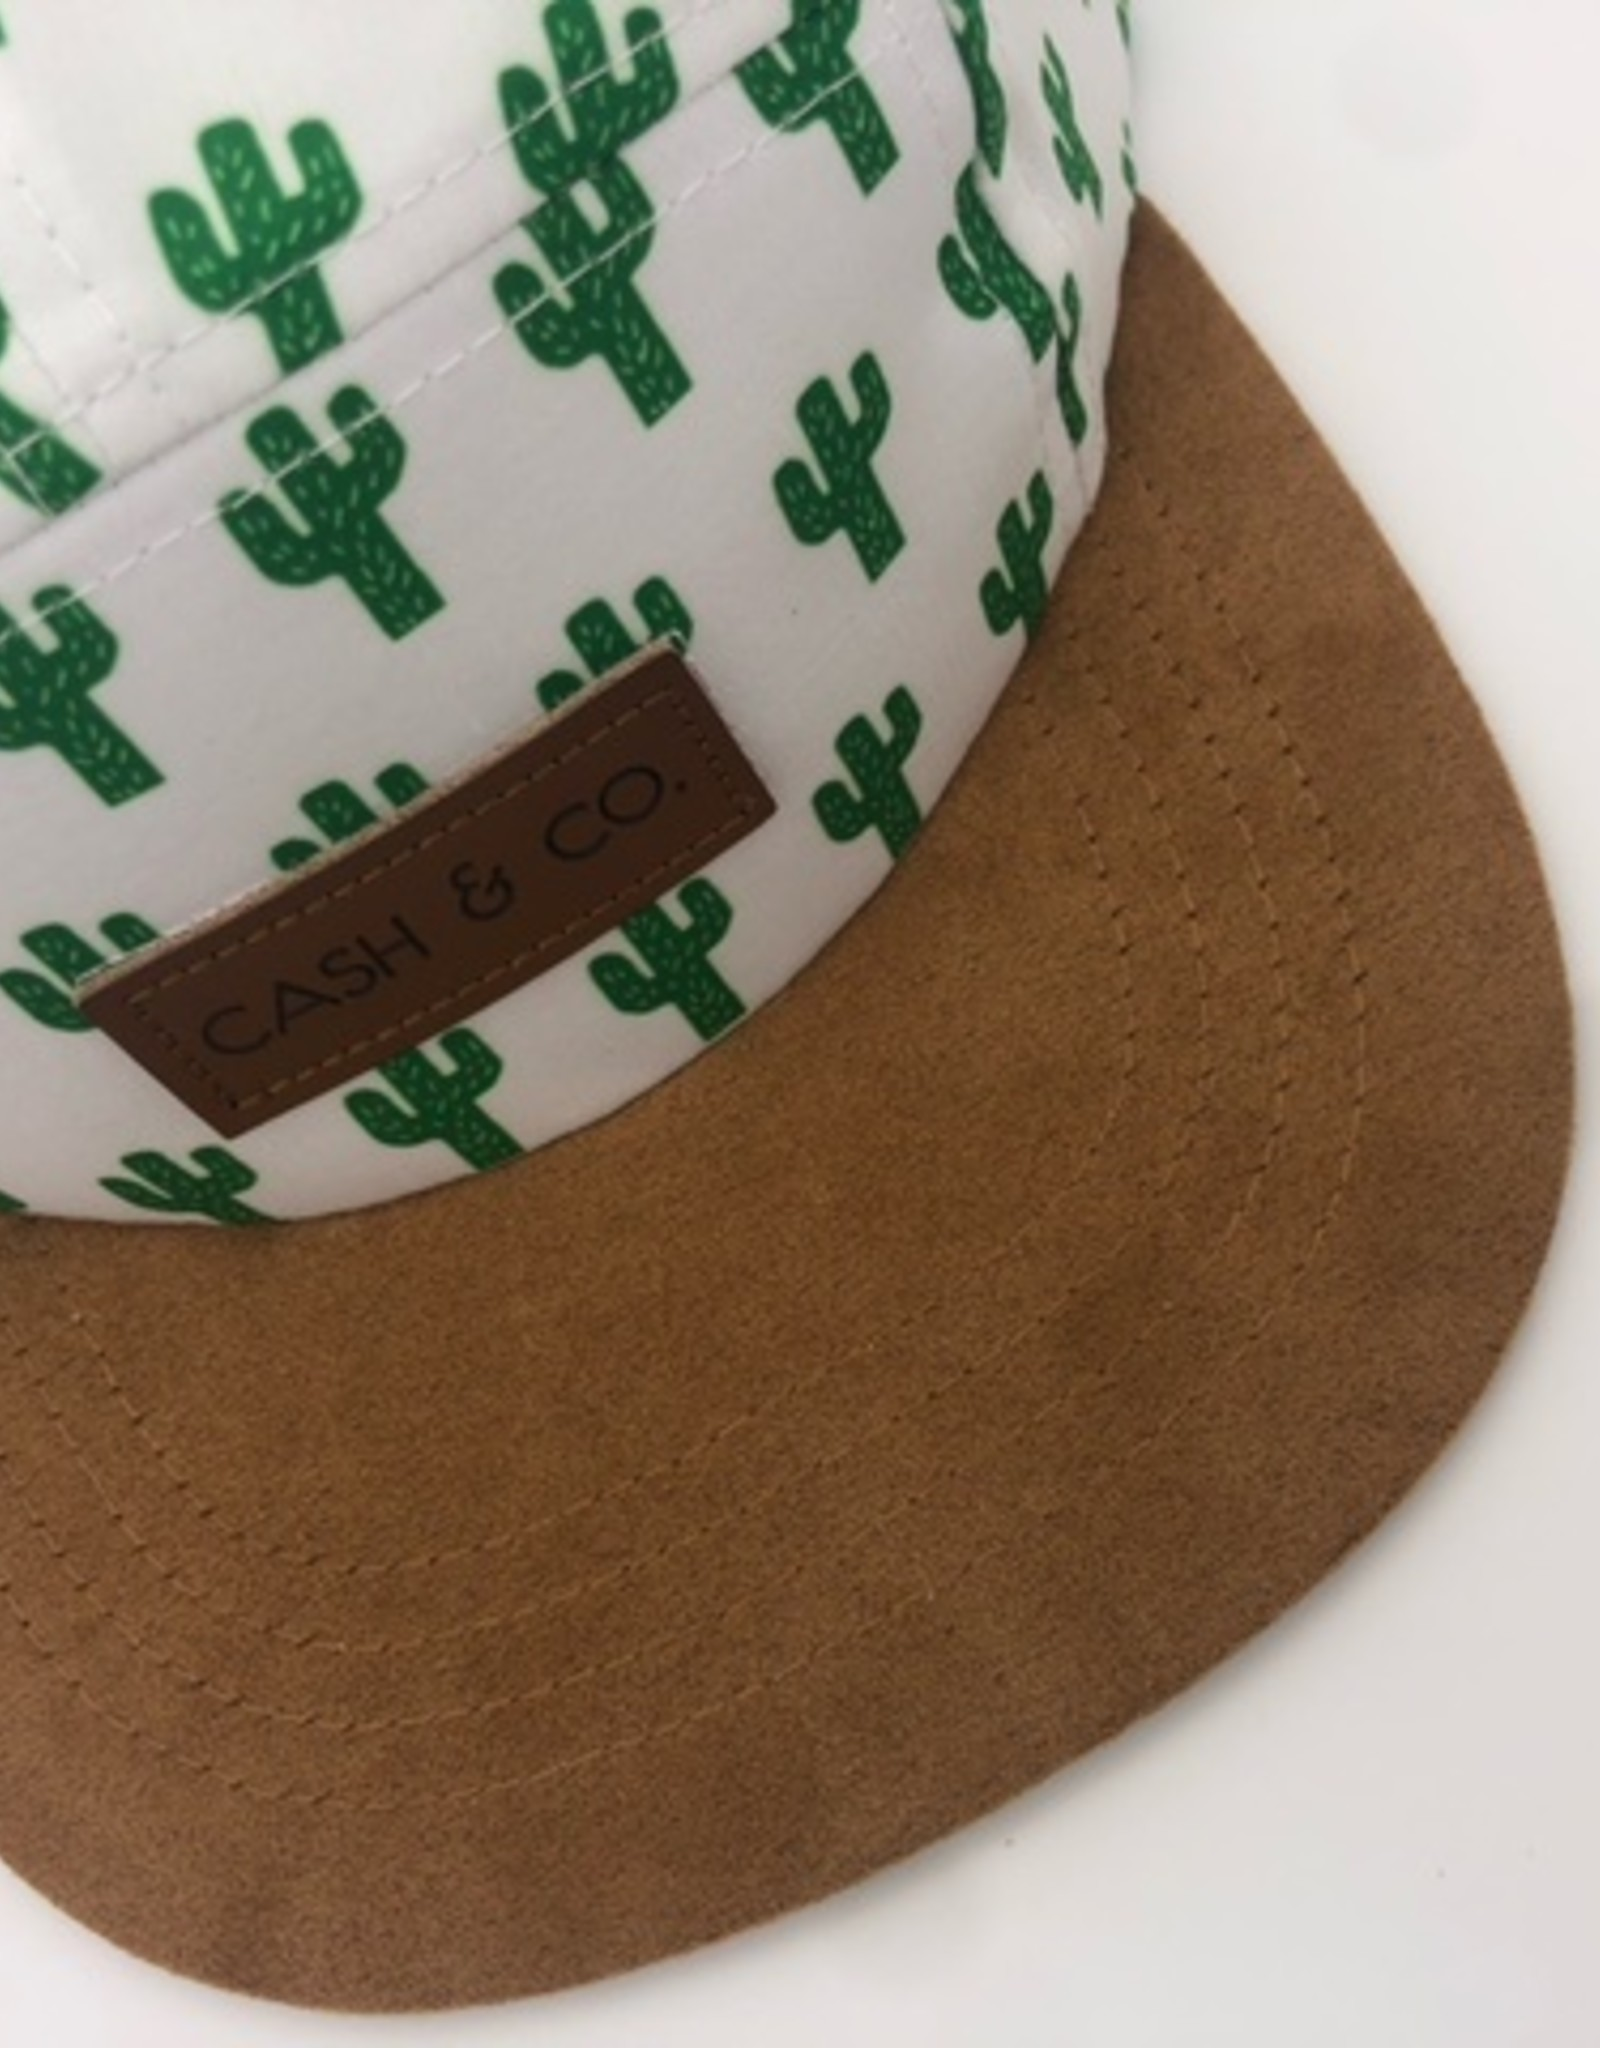 Cash & Co Cash & Co Hat - Cactus